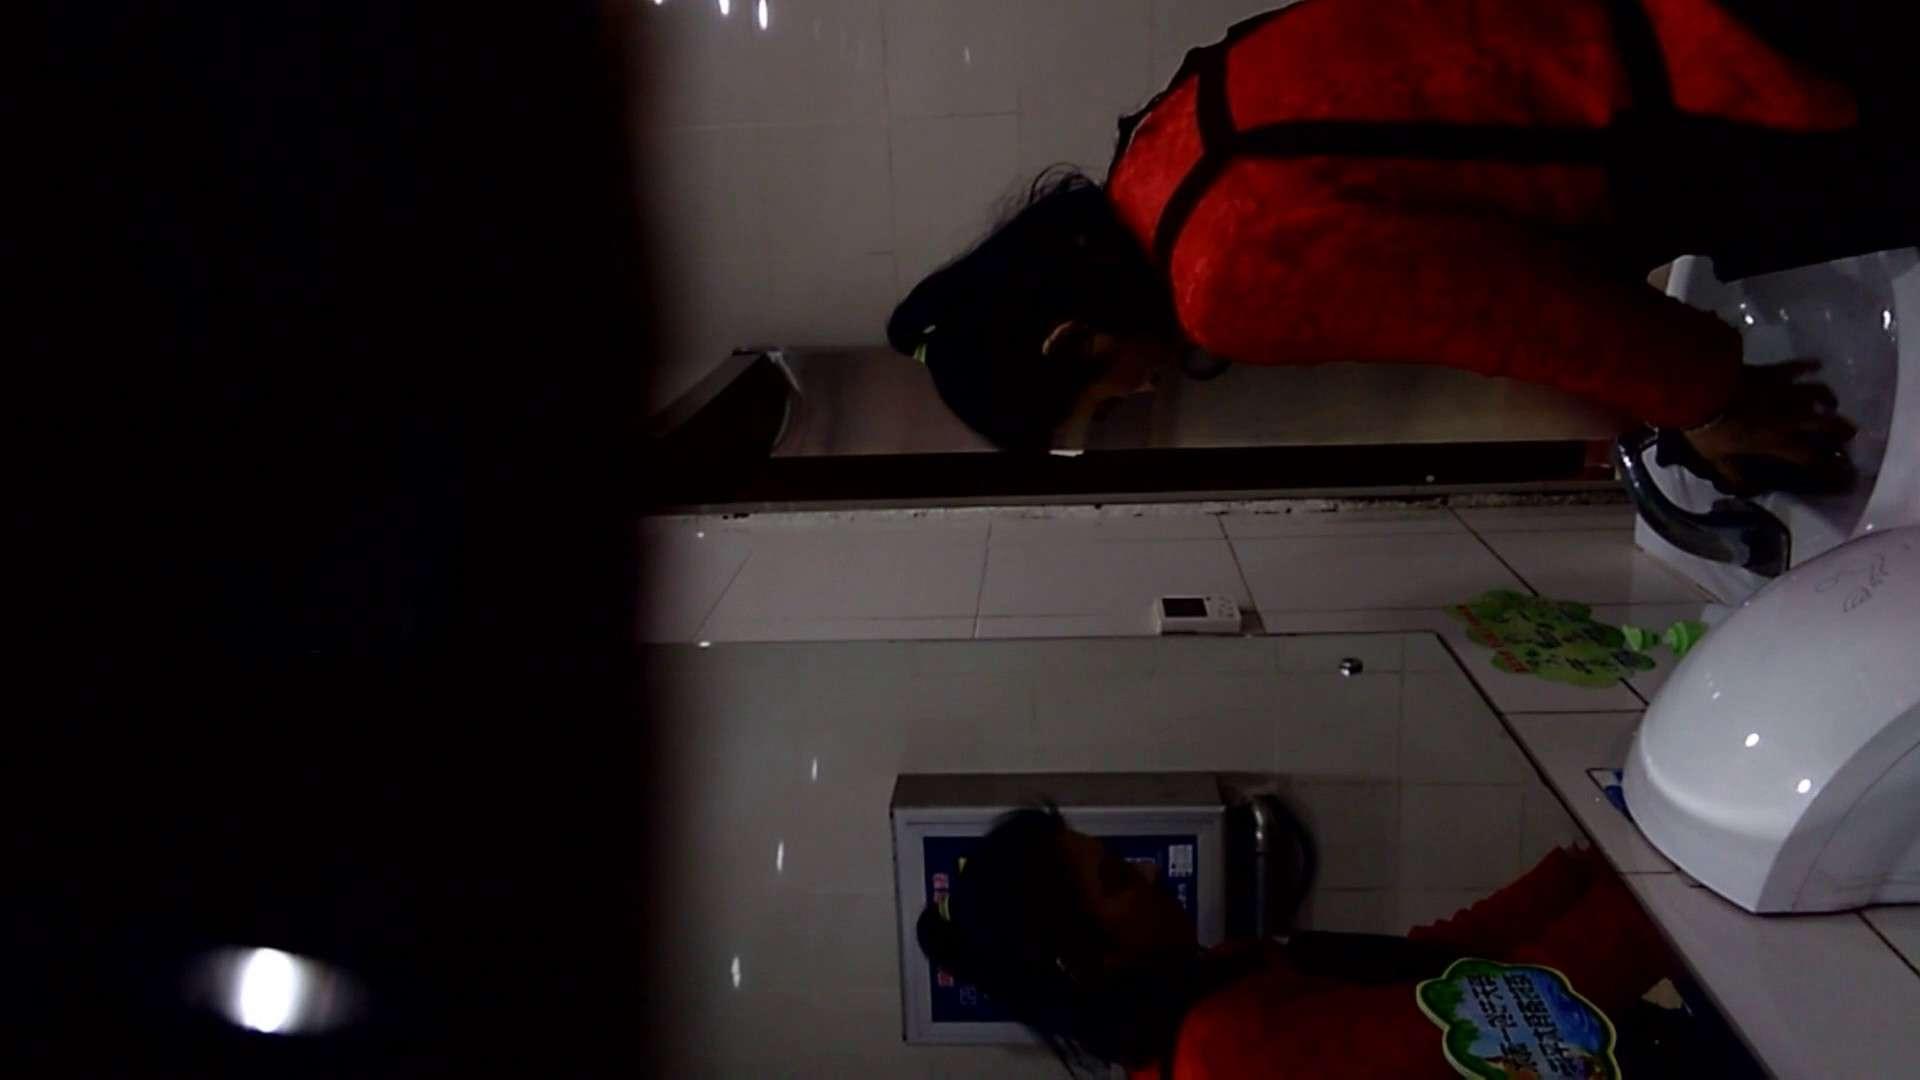 芸術大学ガチ潜入盗撮 JD盗撮 美女の洗面所の秘密 Vol.105 盗撮映像大放出 スケベ動画紹介 83連発 68